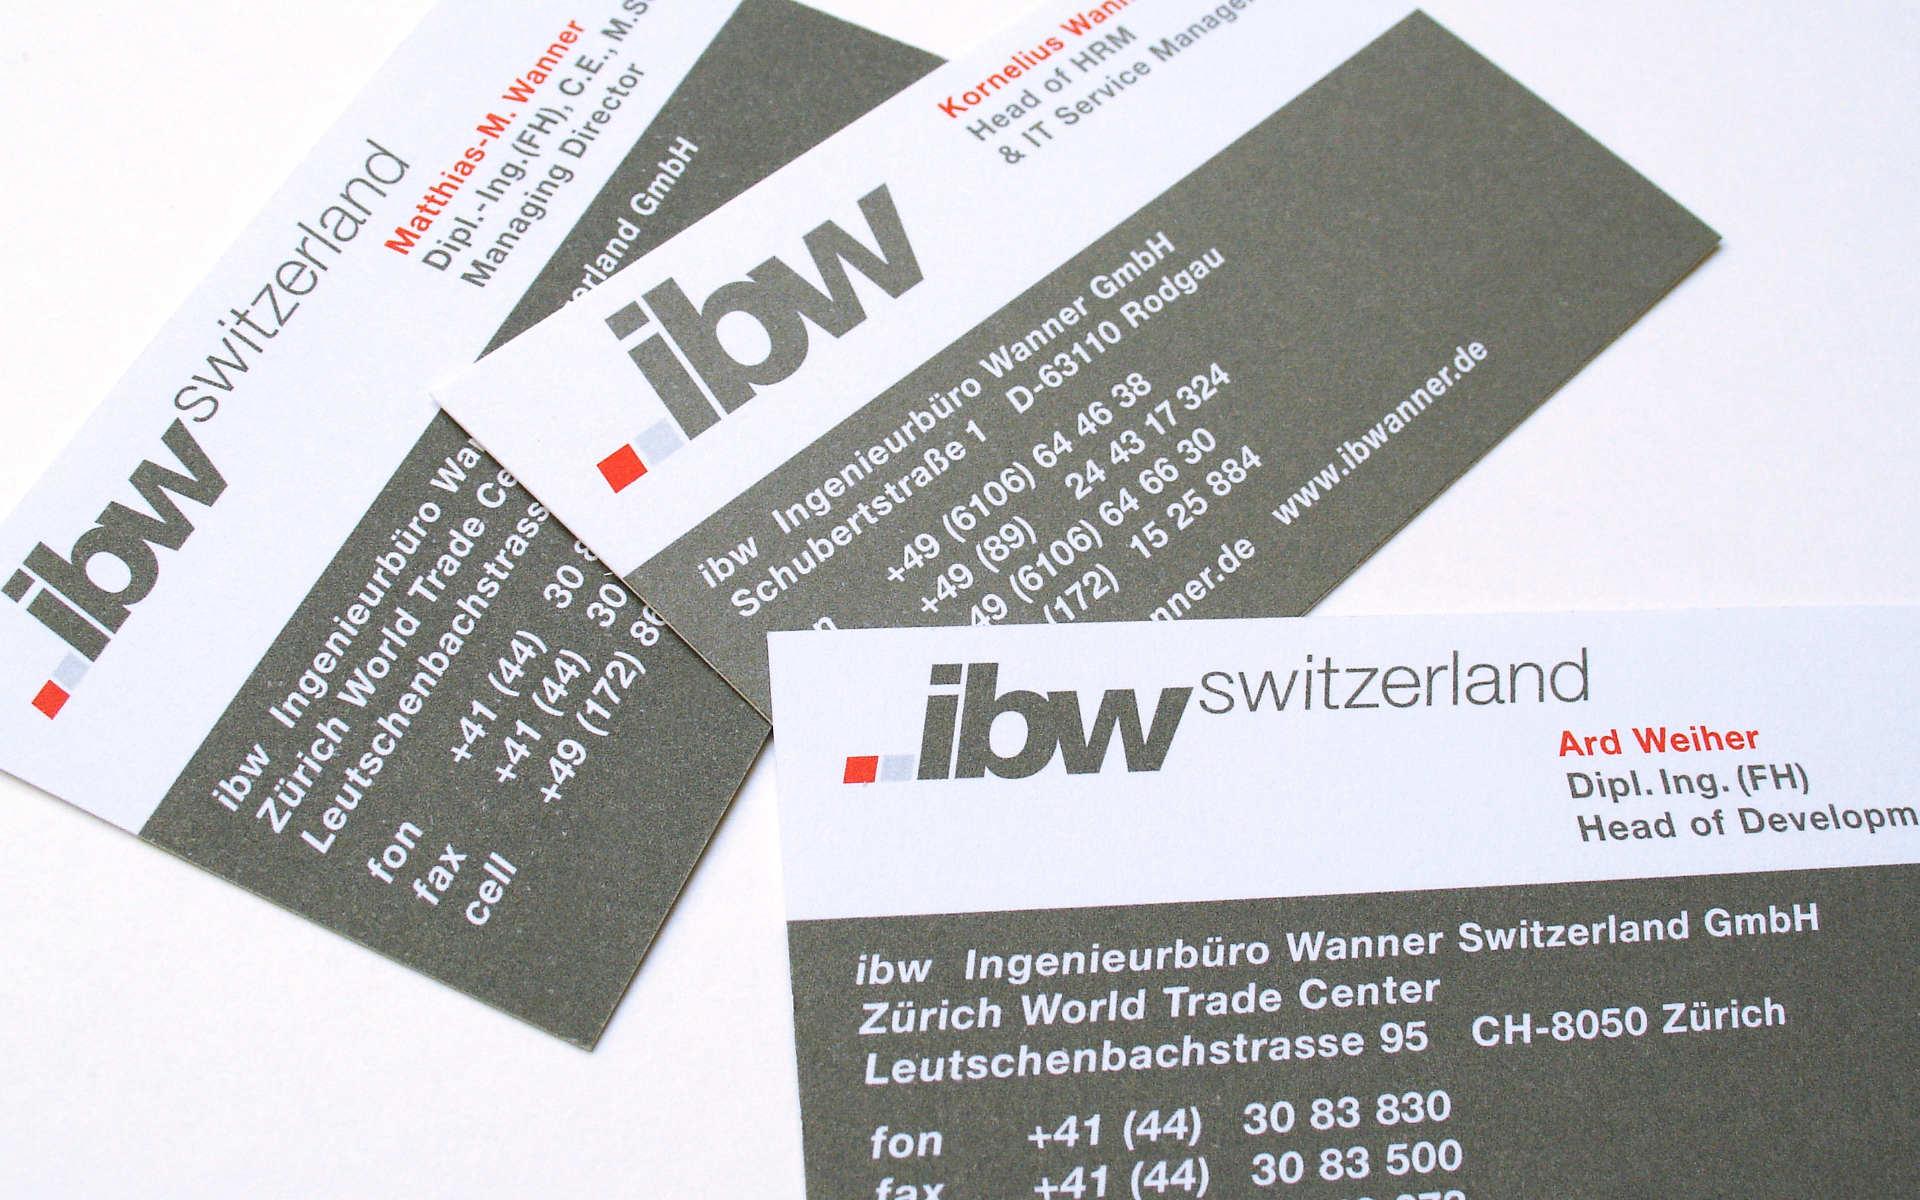 IBW Erscheinungsbild Kommunikation Visitenkarten Logoentwicklung